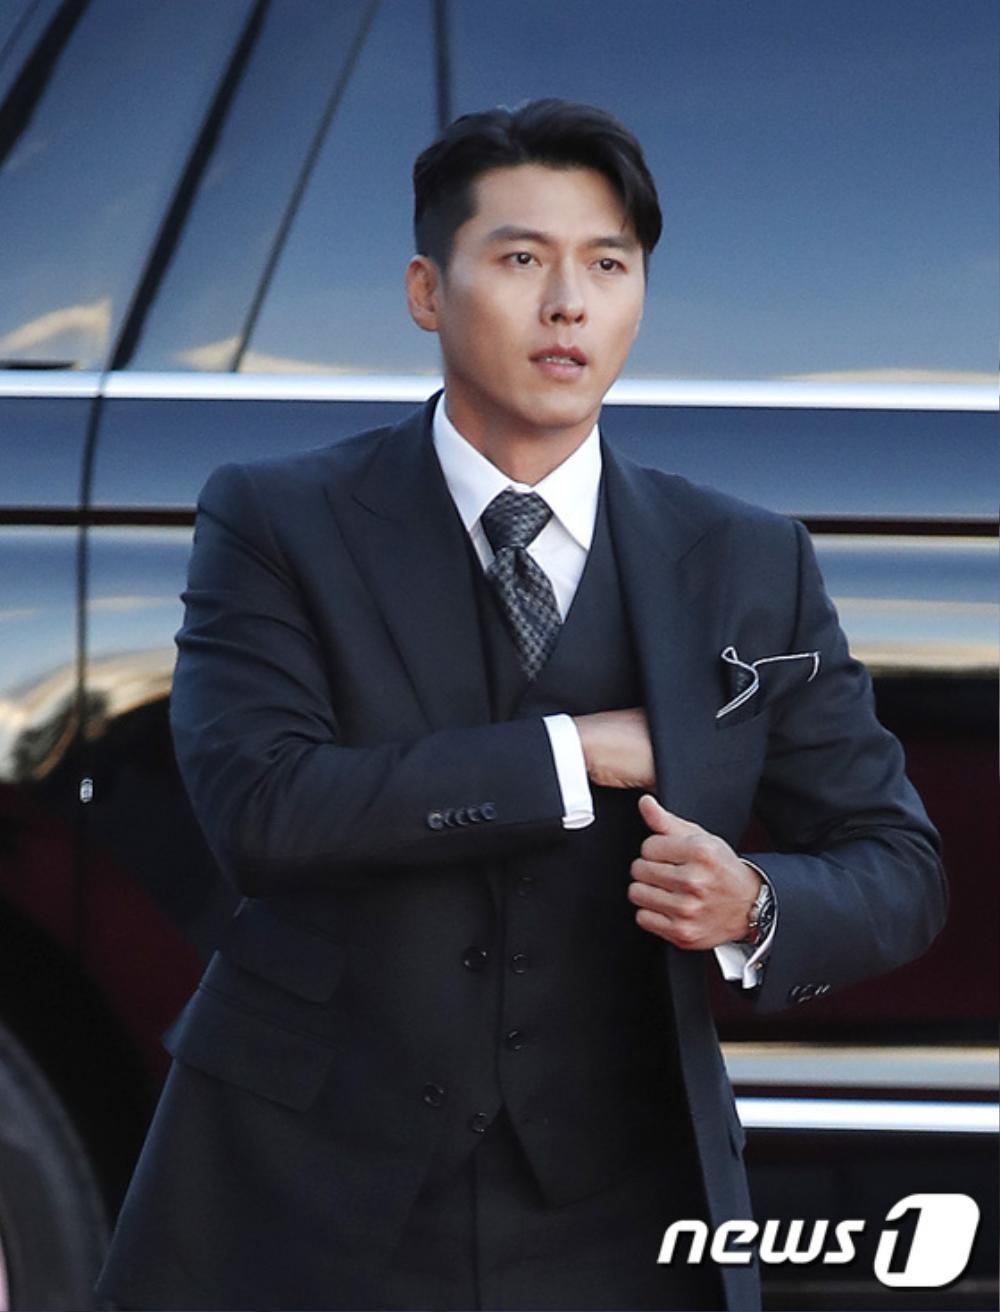 Thảm đỏ hot nhất Hàn Quốc: SEVENTEEN cùng Hyun Bin, Gong Hyo Jin, Kim Hee Ae và Kang Ha Neul gây sốt Ảnh 6